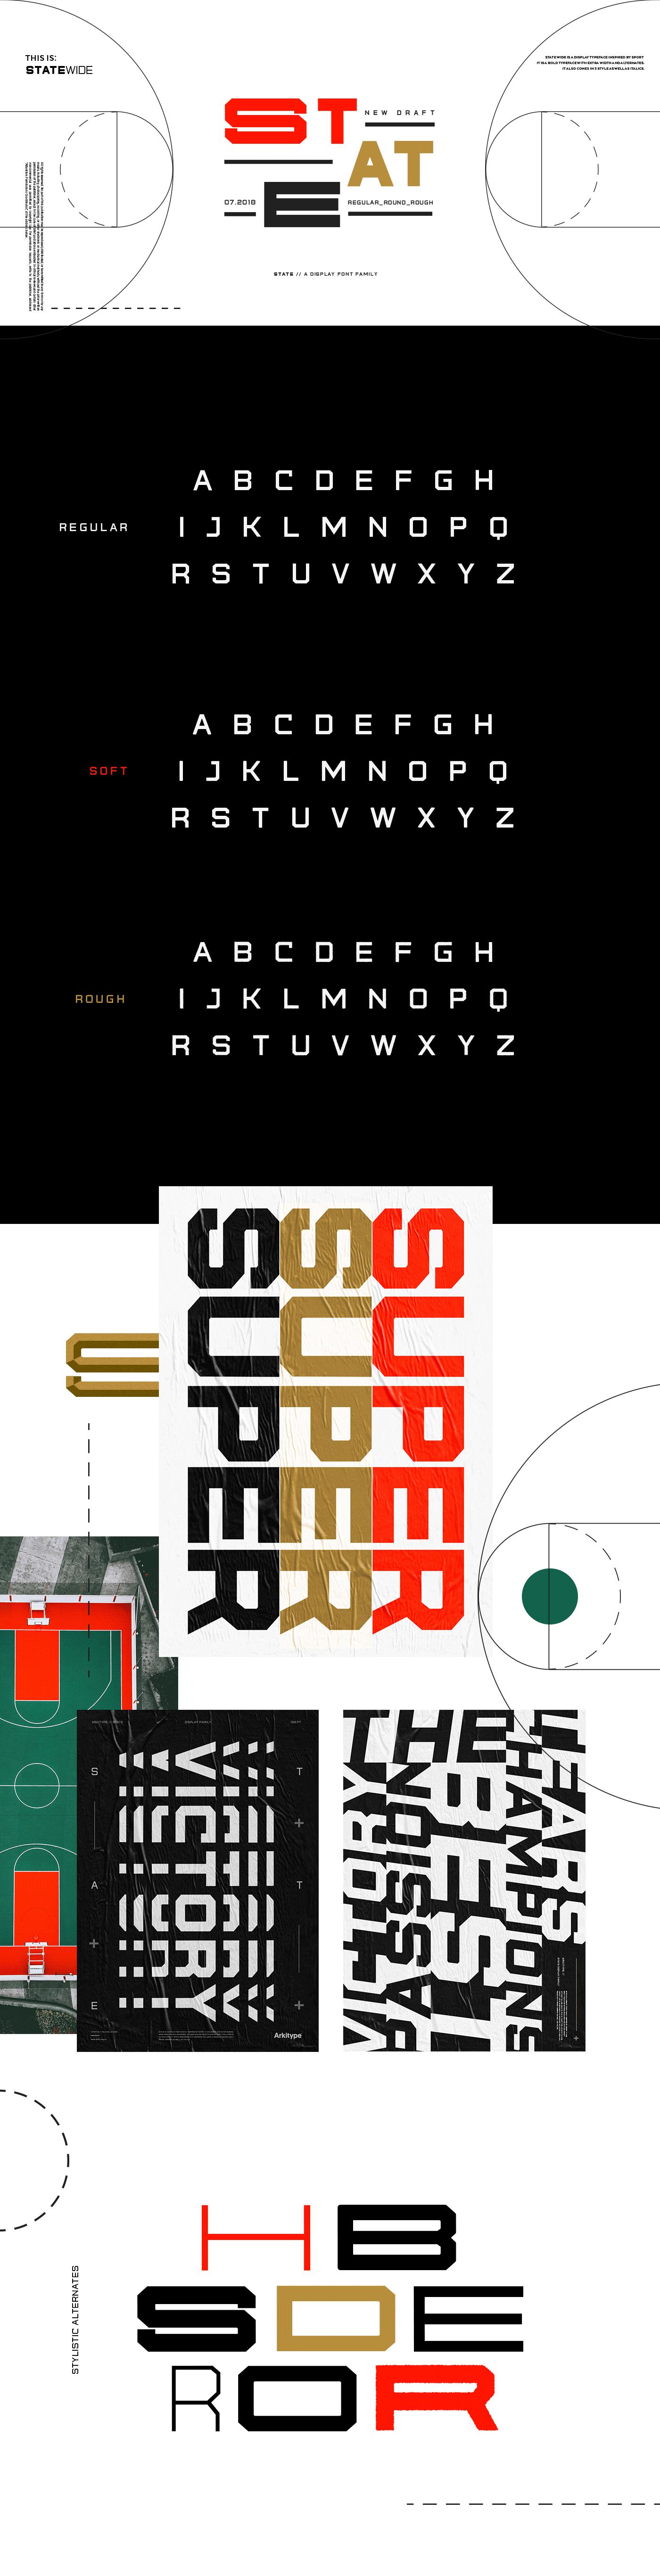 細緻的26款雜誌文字排版欣賞